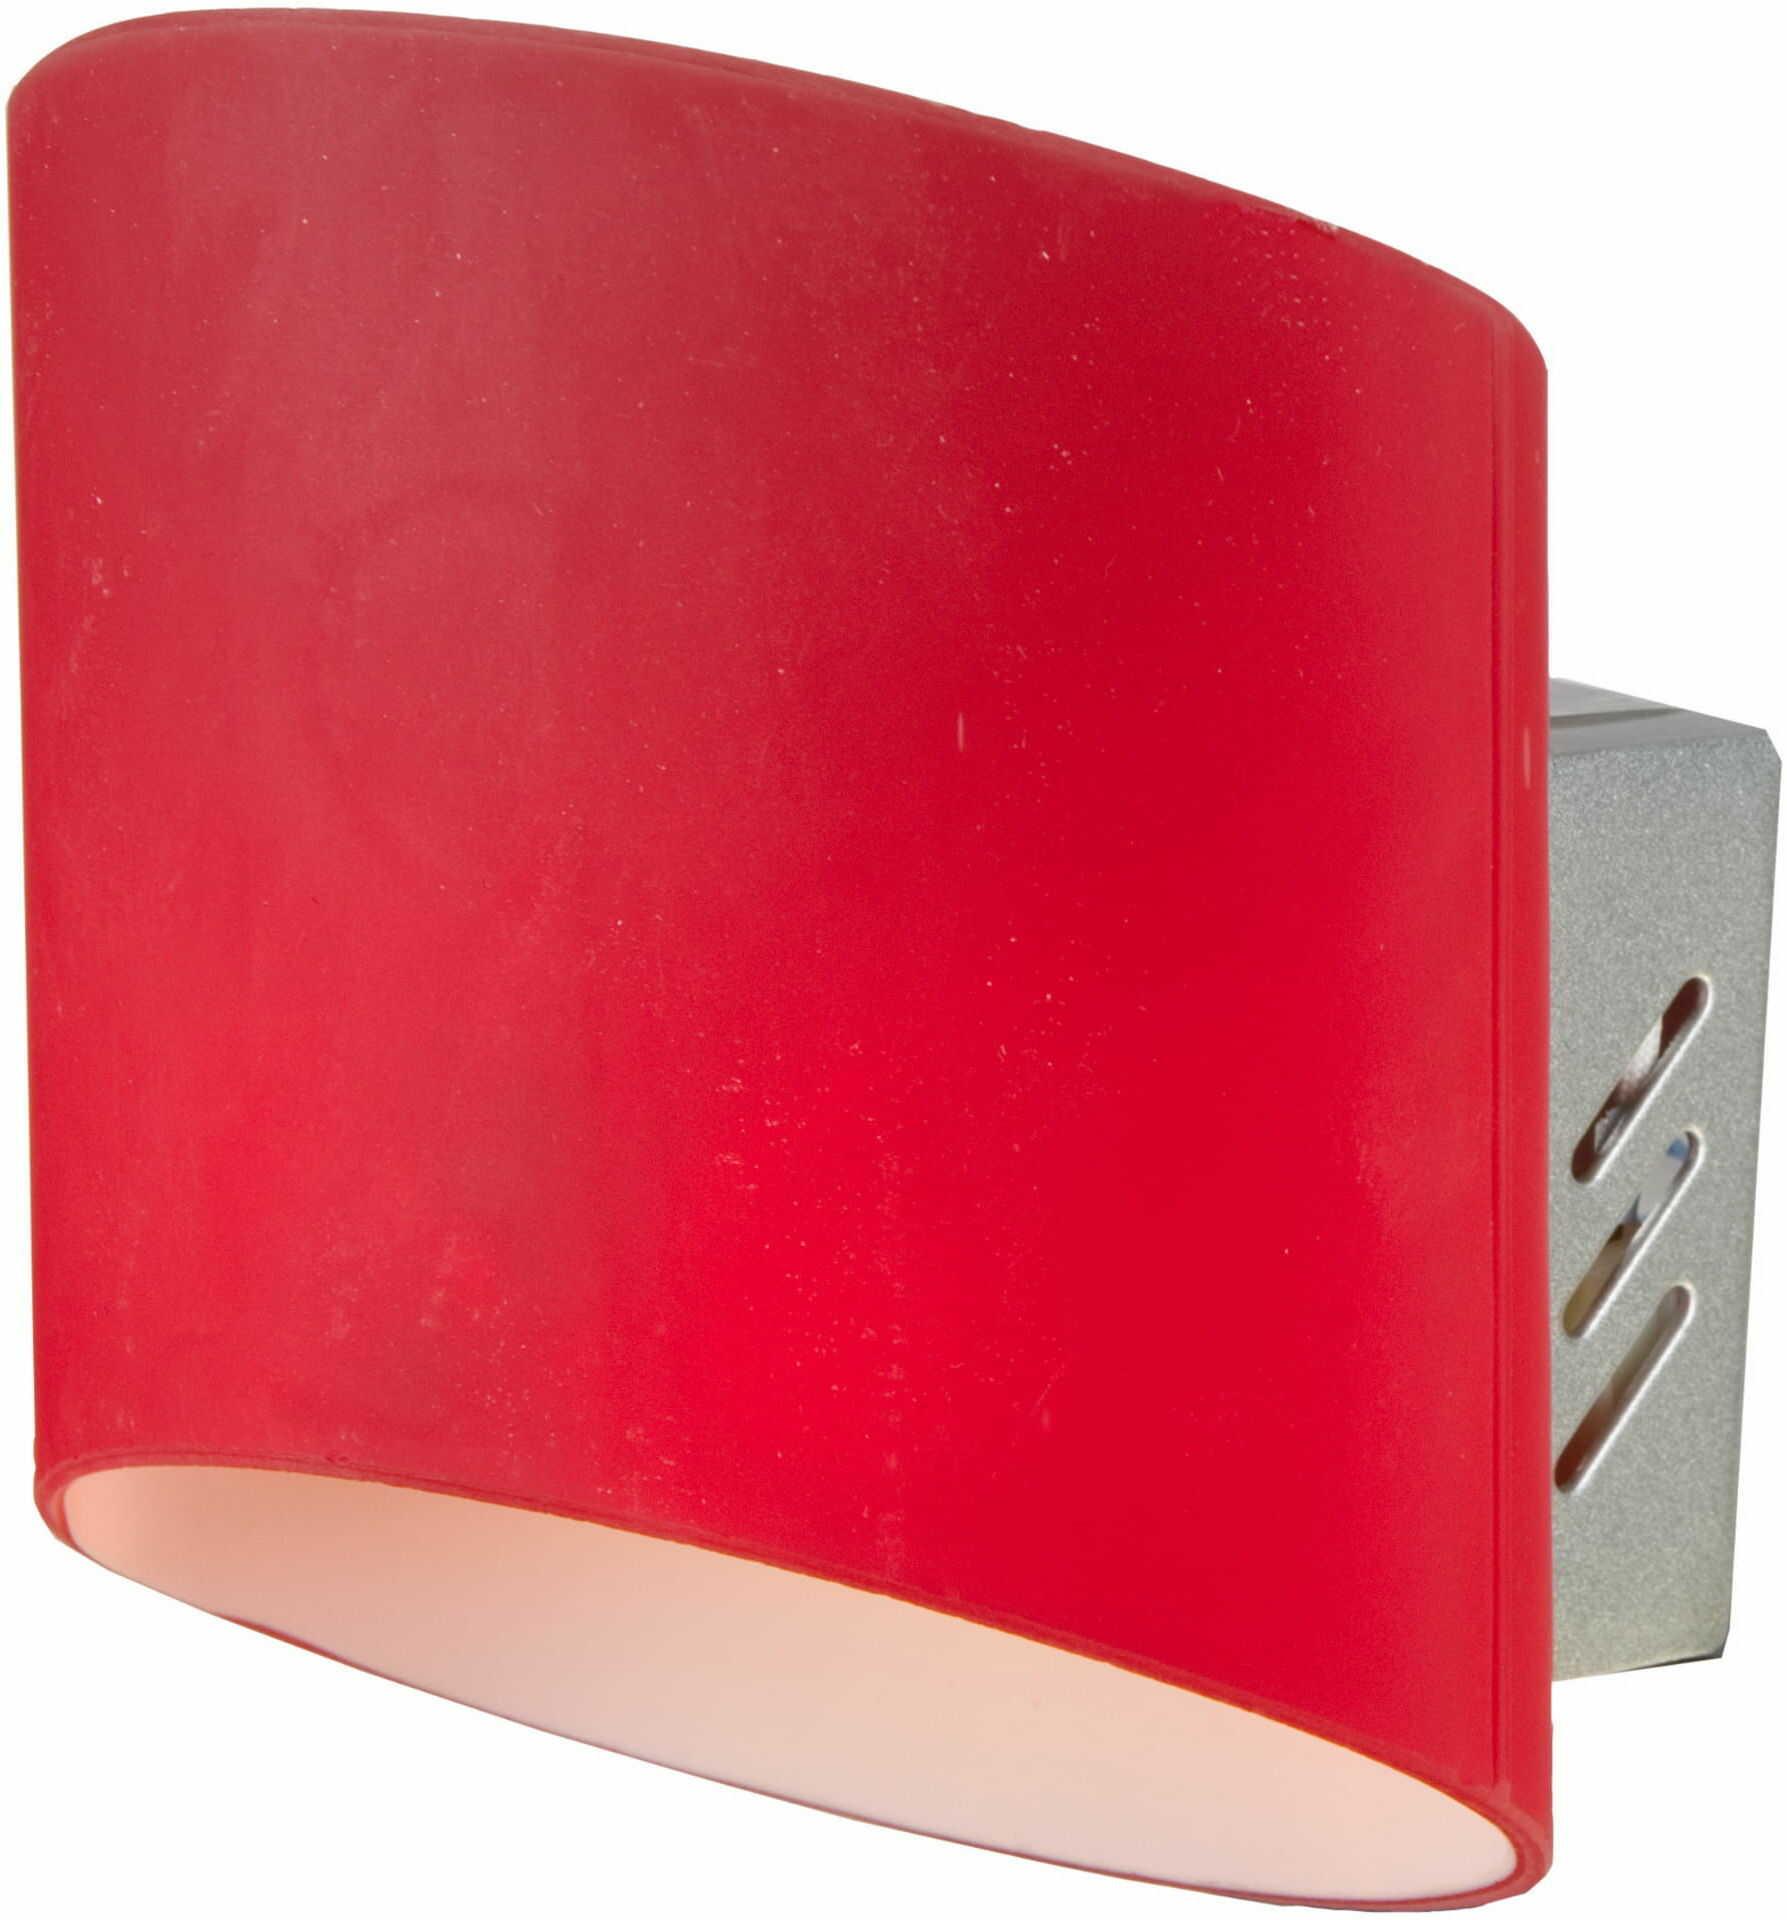 Light Prestige Saragossa LP-B 1111/1 czer. kinkiet lampa ścienna czerwona 1x40W G9 9cm